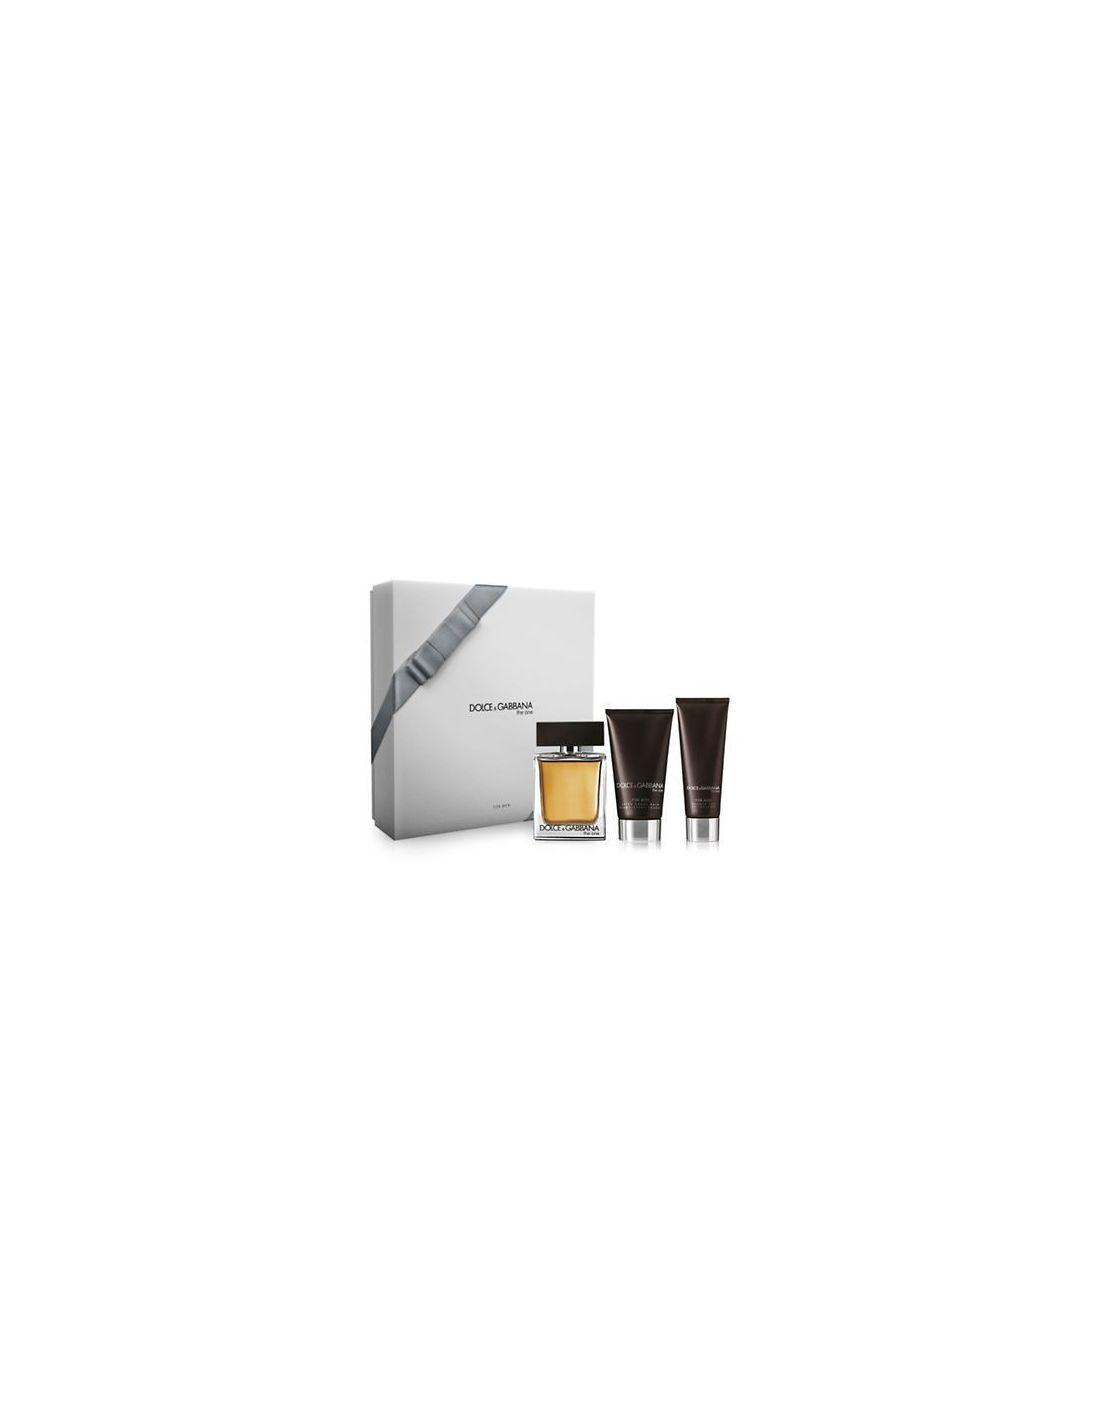 3e10ecf23d Coffret Dolce & Gabbana The One Eau de Toilette 100 ml + After Shave 75 ml